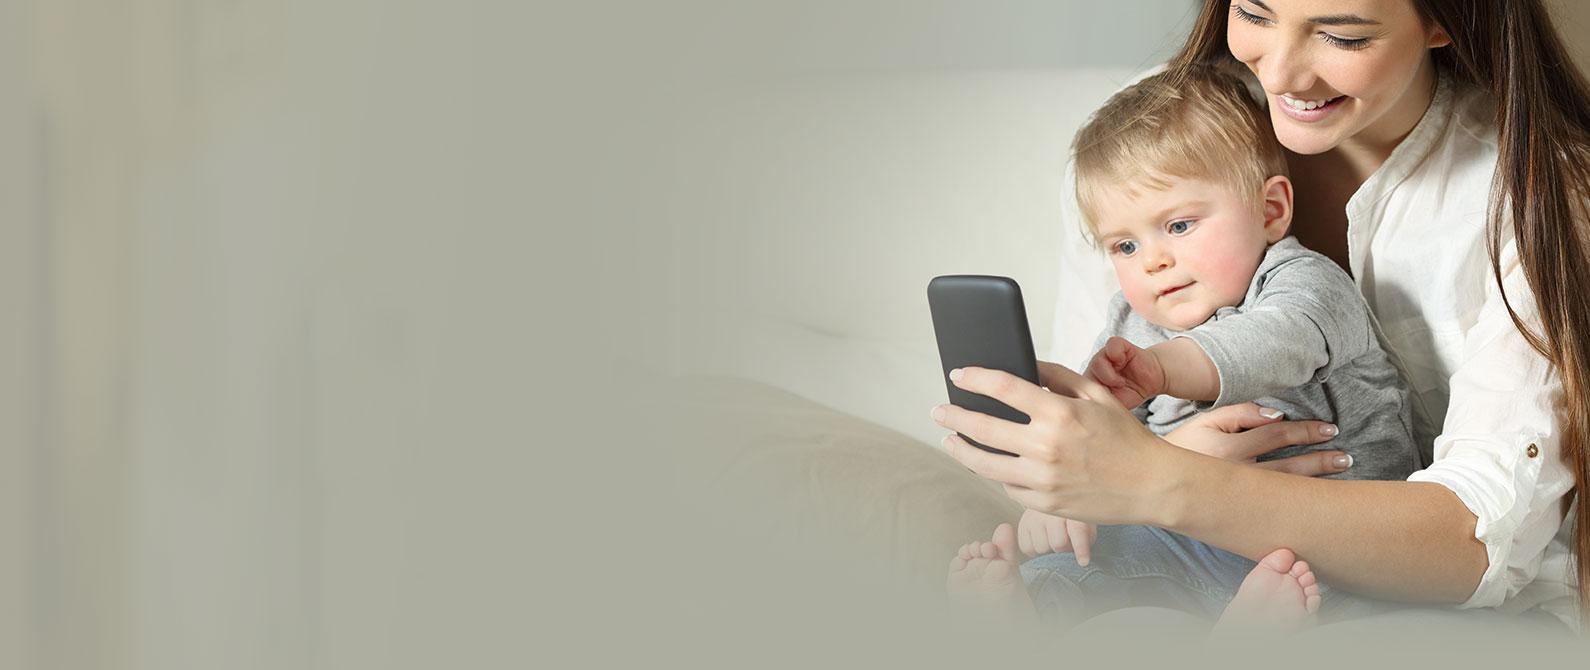 slide-08-web-app-download